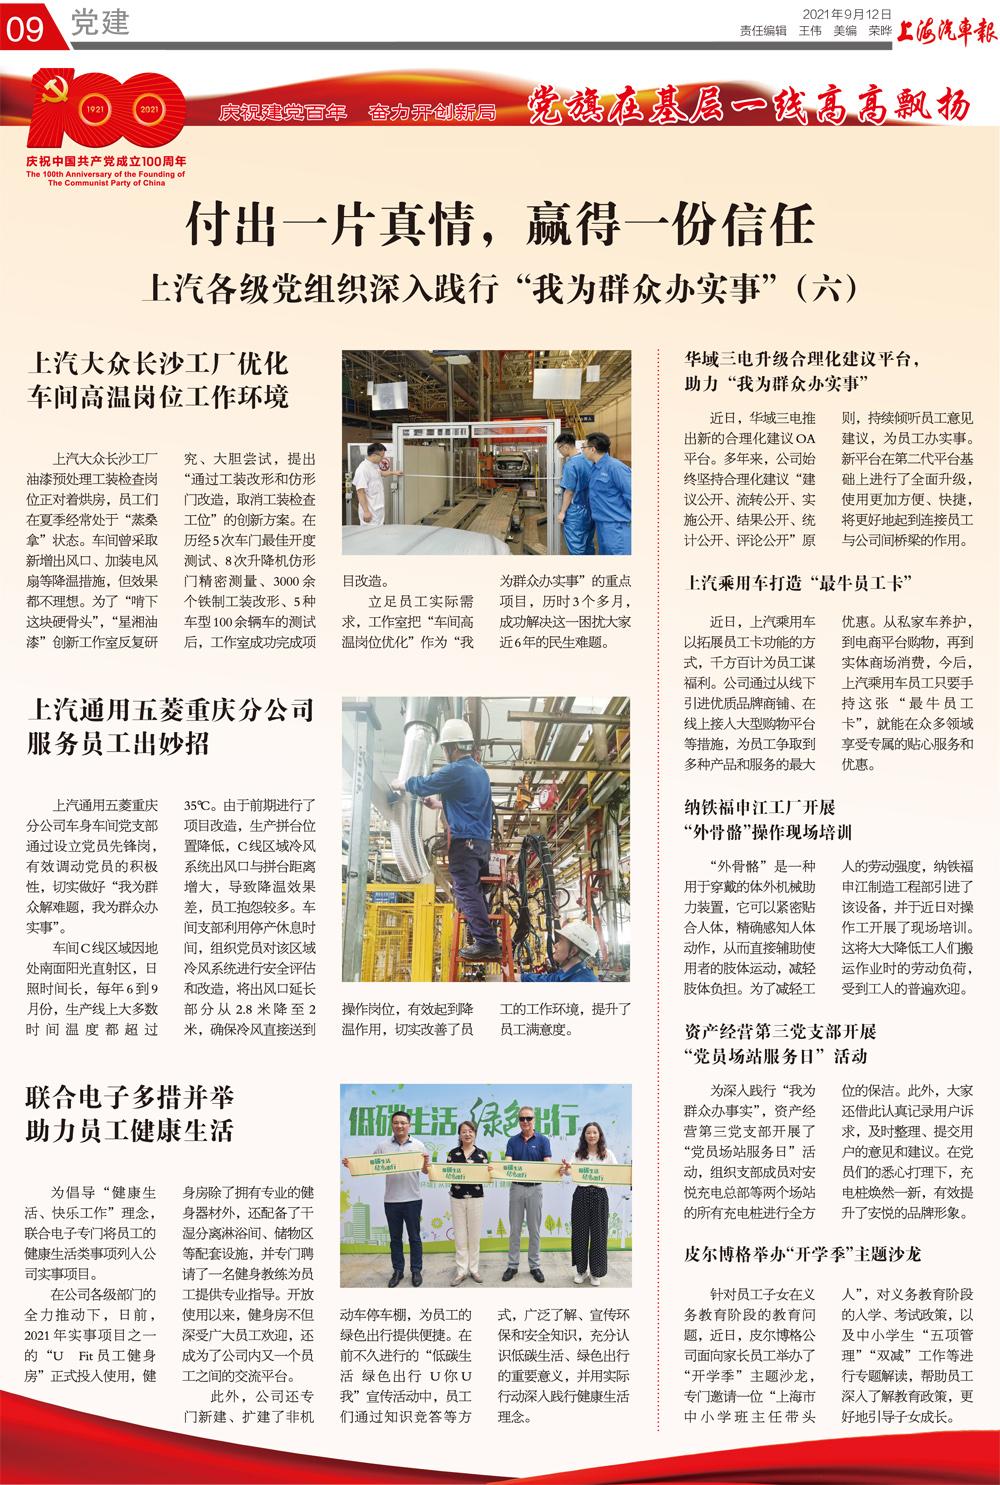 上海汽车报党建